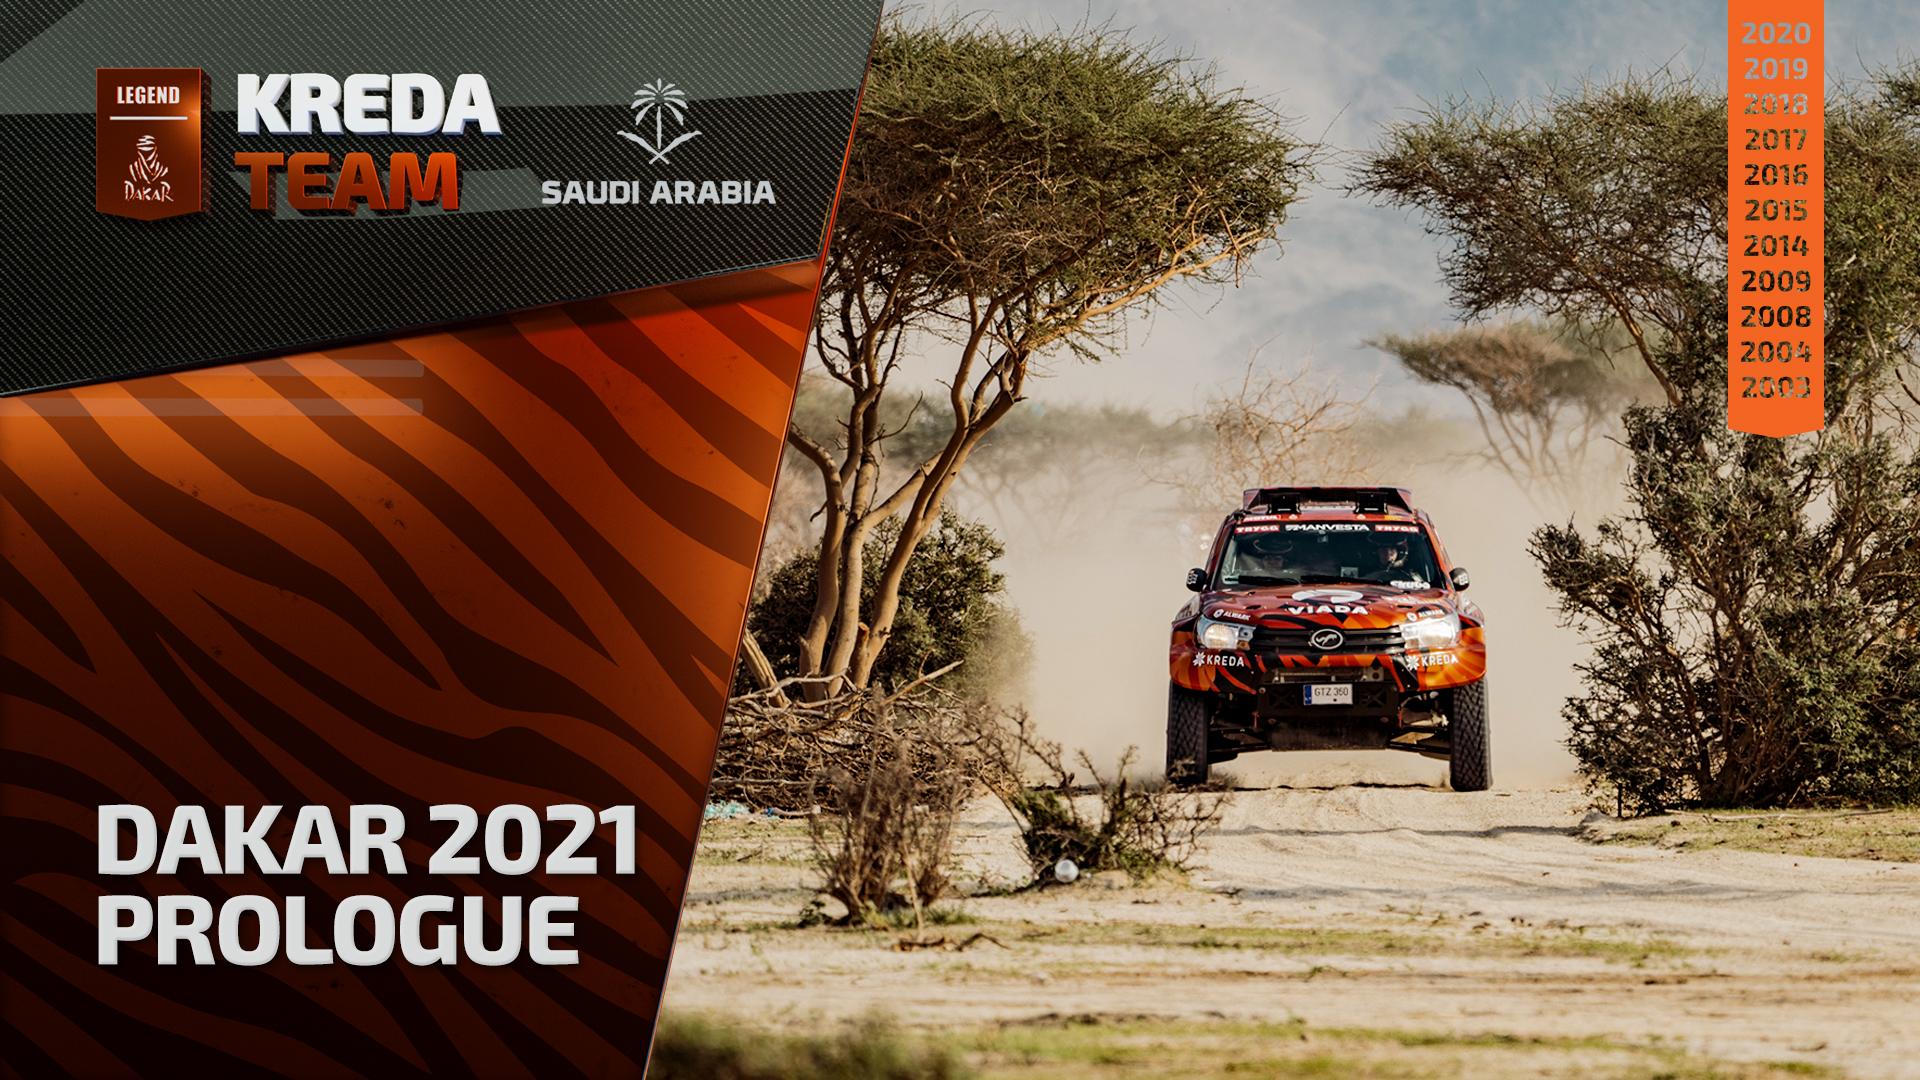 Dakar Rally 2021. Prologue